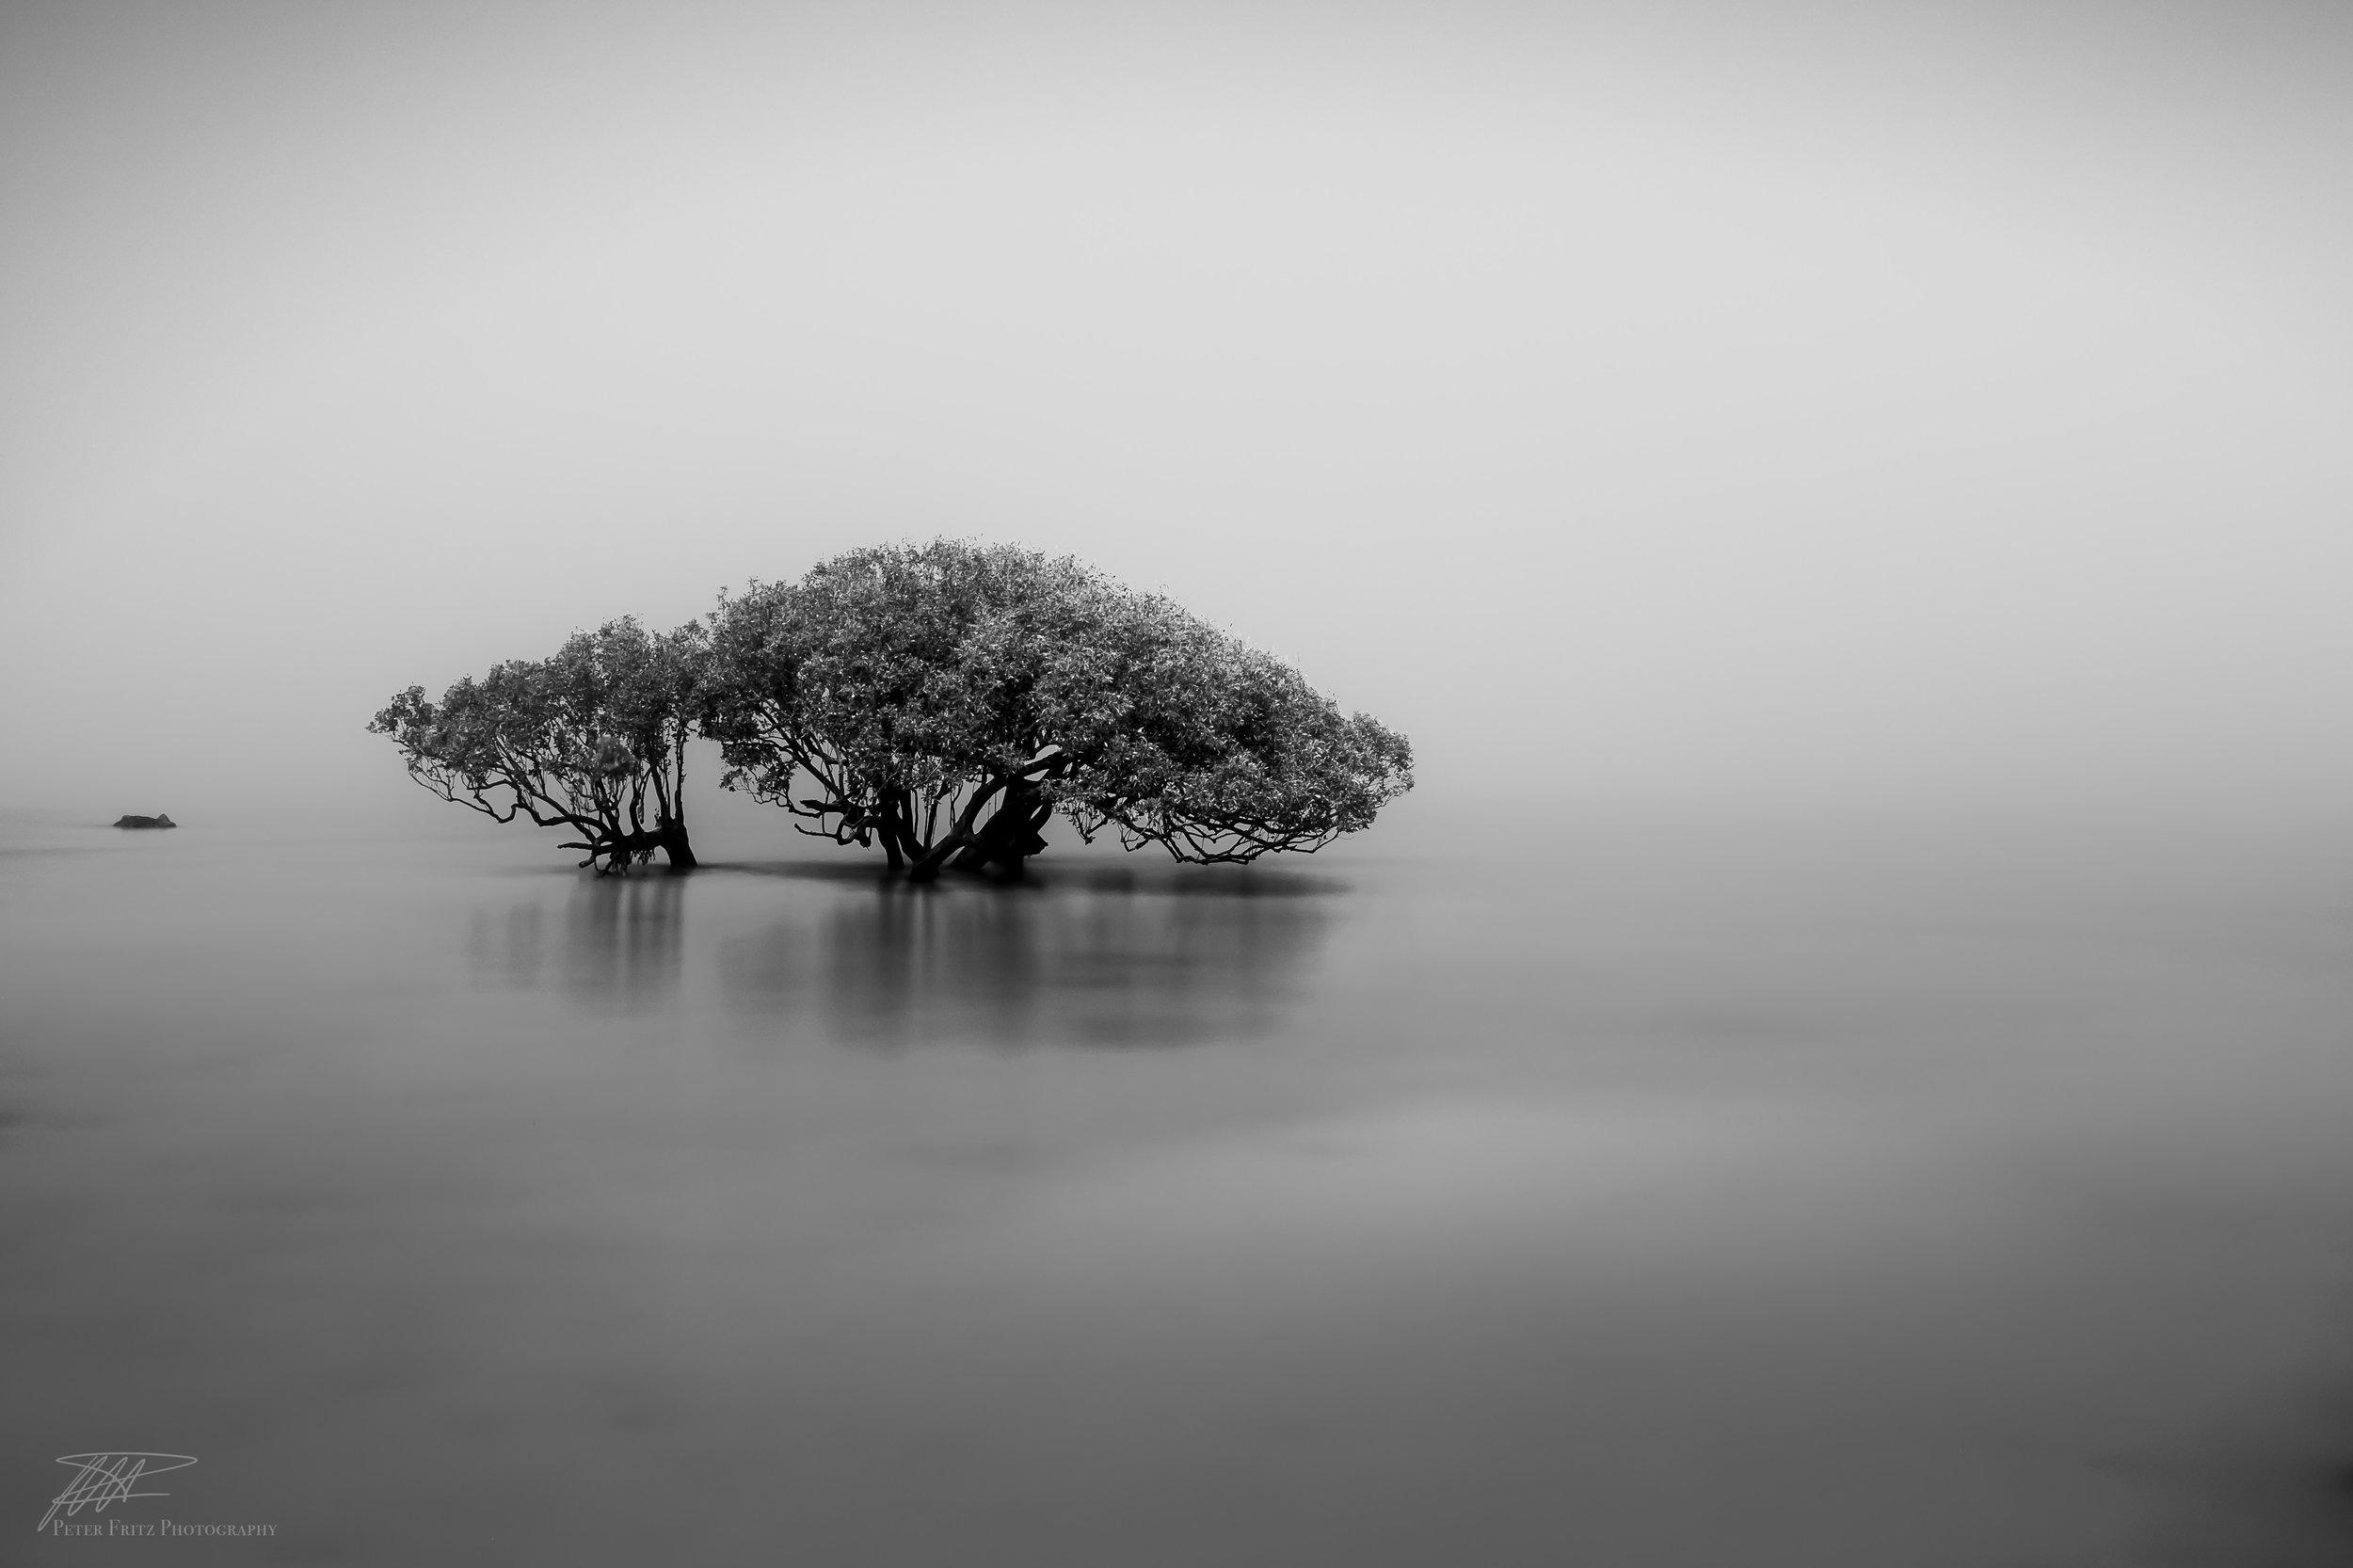 Isolated by the Fog 3x2.jpg